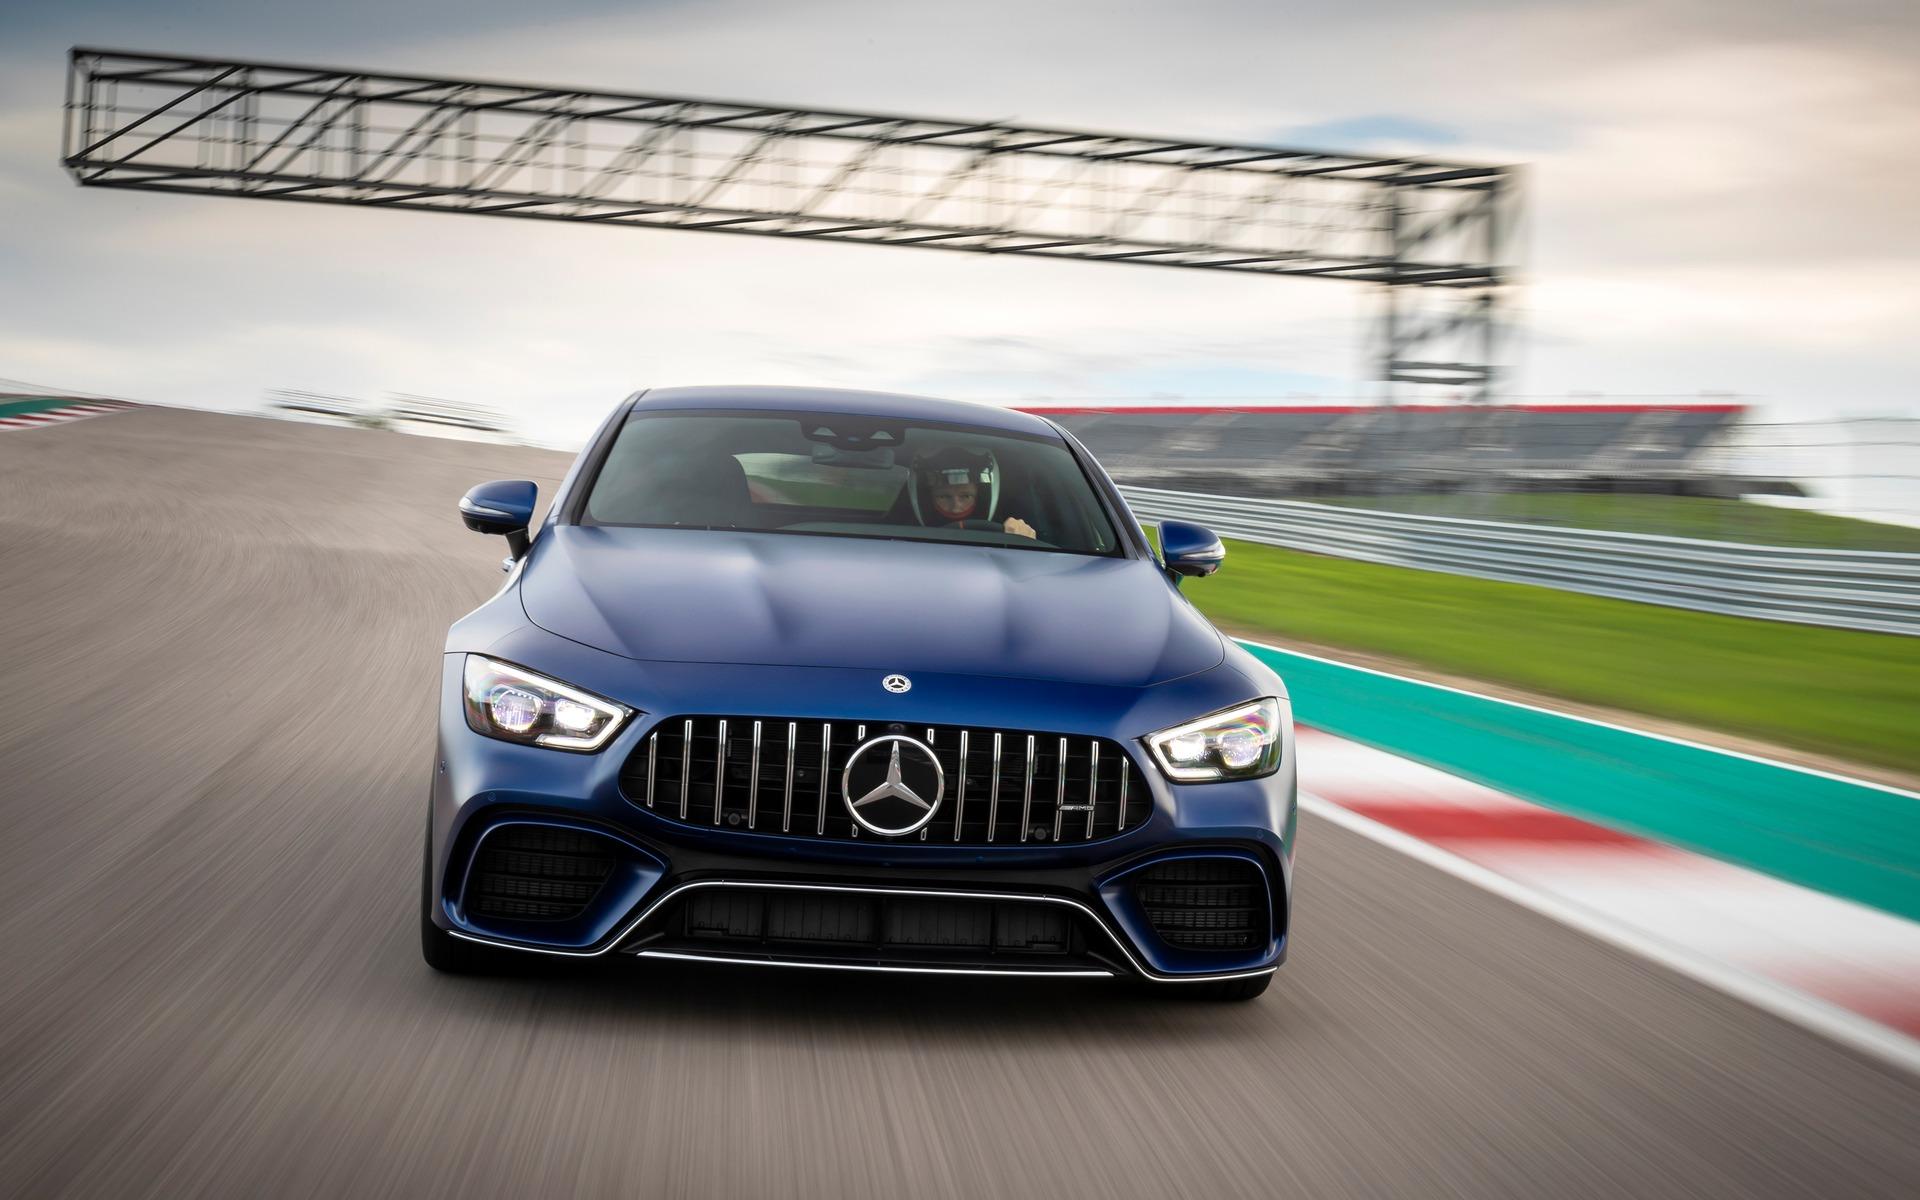 <p>Mercedes-AMG GT 63 S Coup&eacute; 4 portes sur le circuit COTA</p>